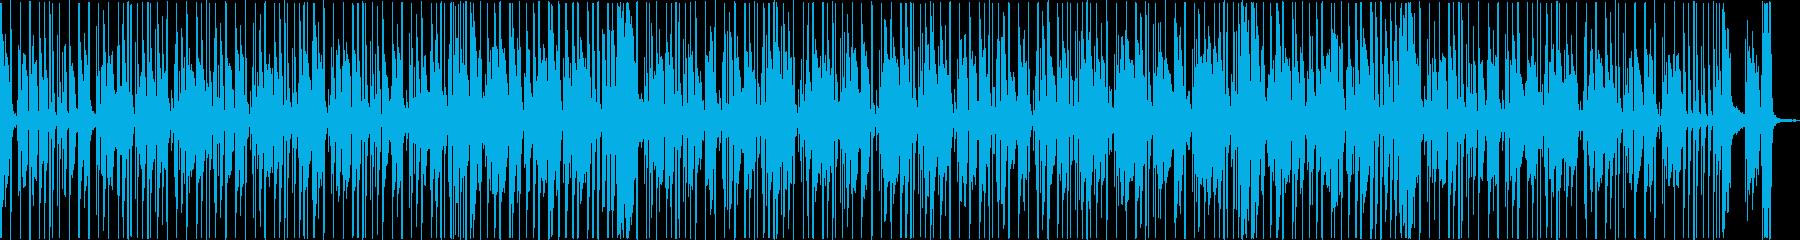 ベースが印象的な重低音トラックの再生済みの波形